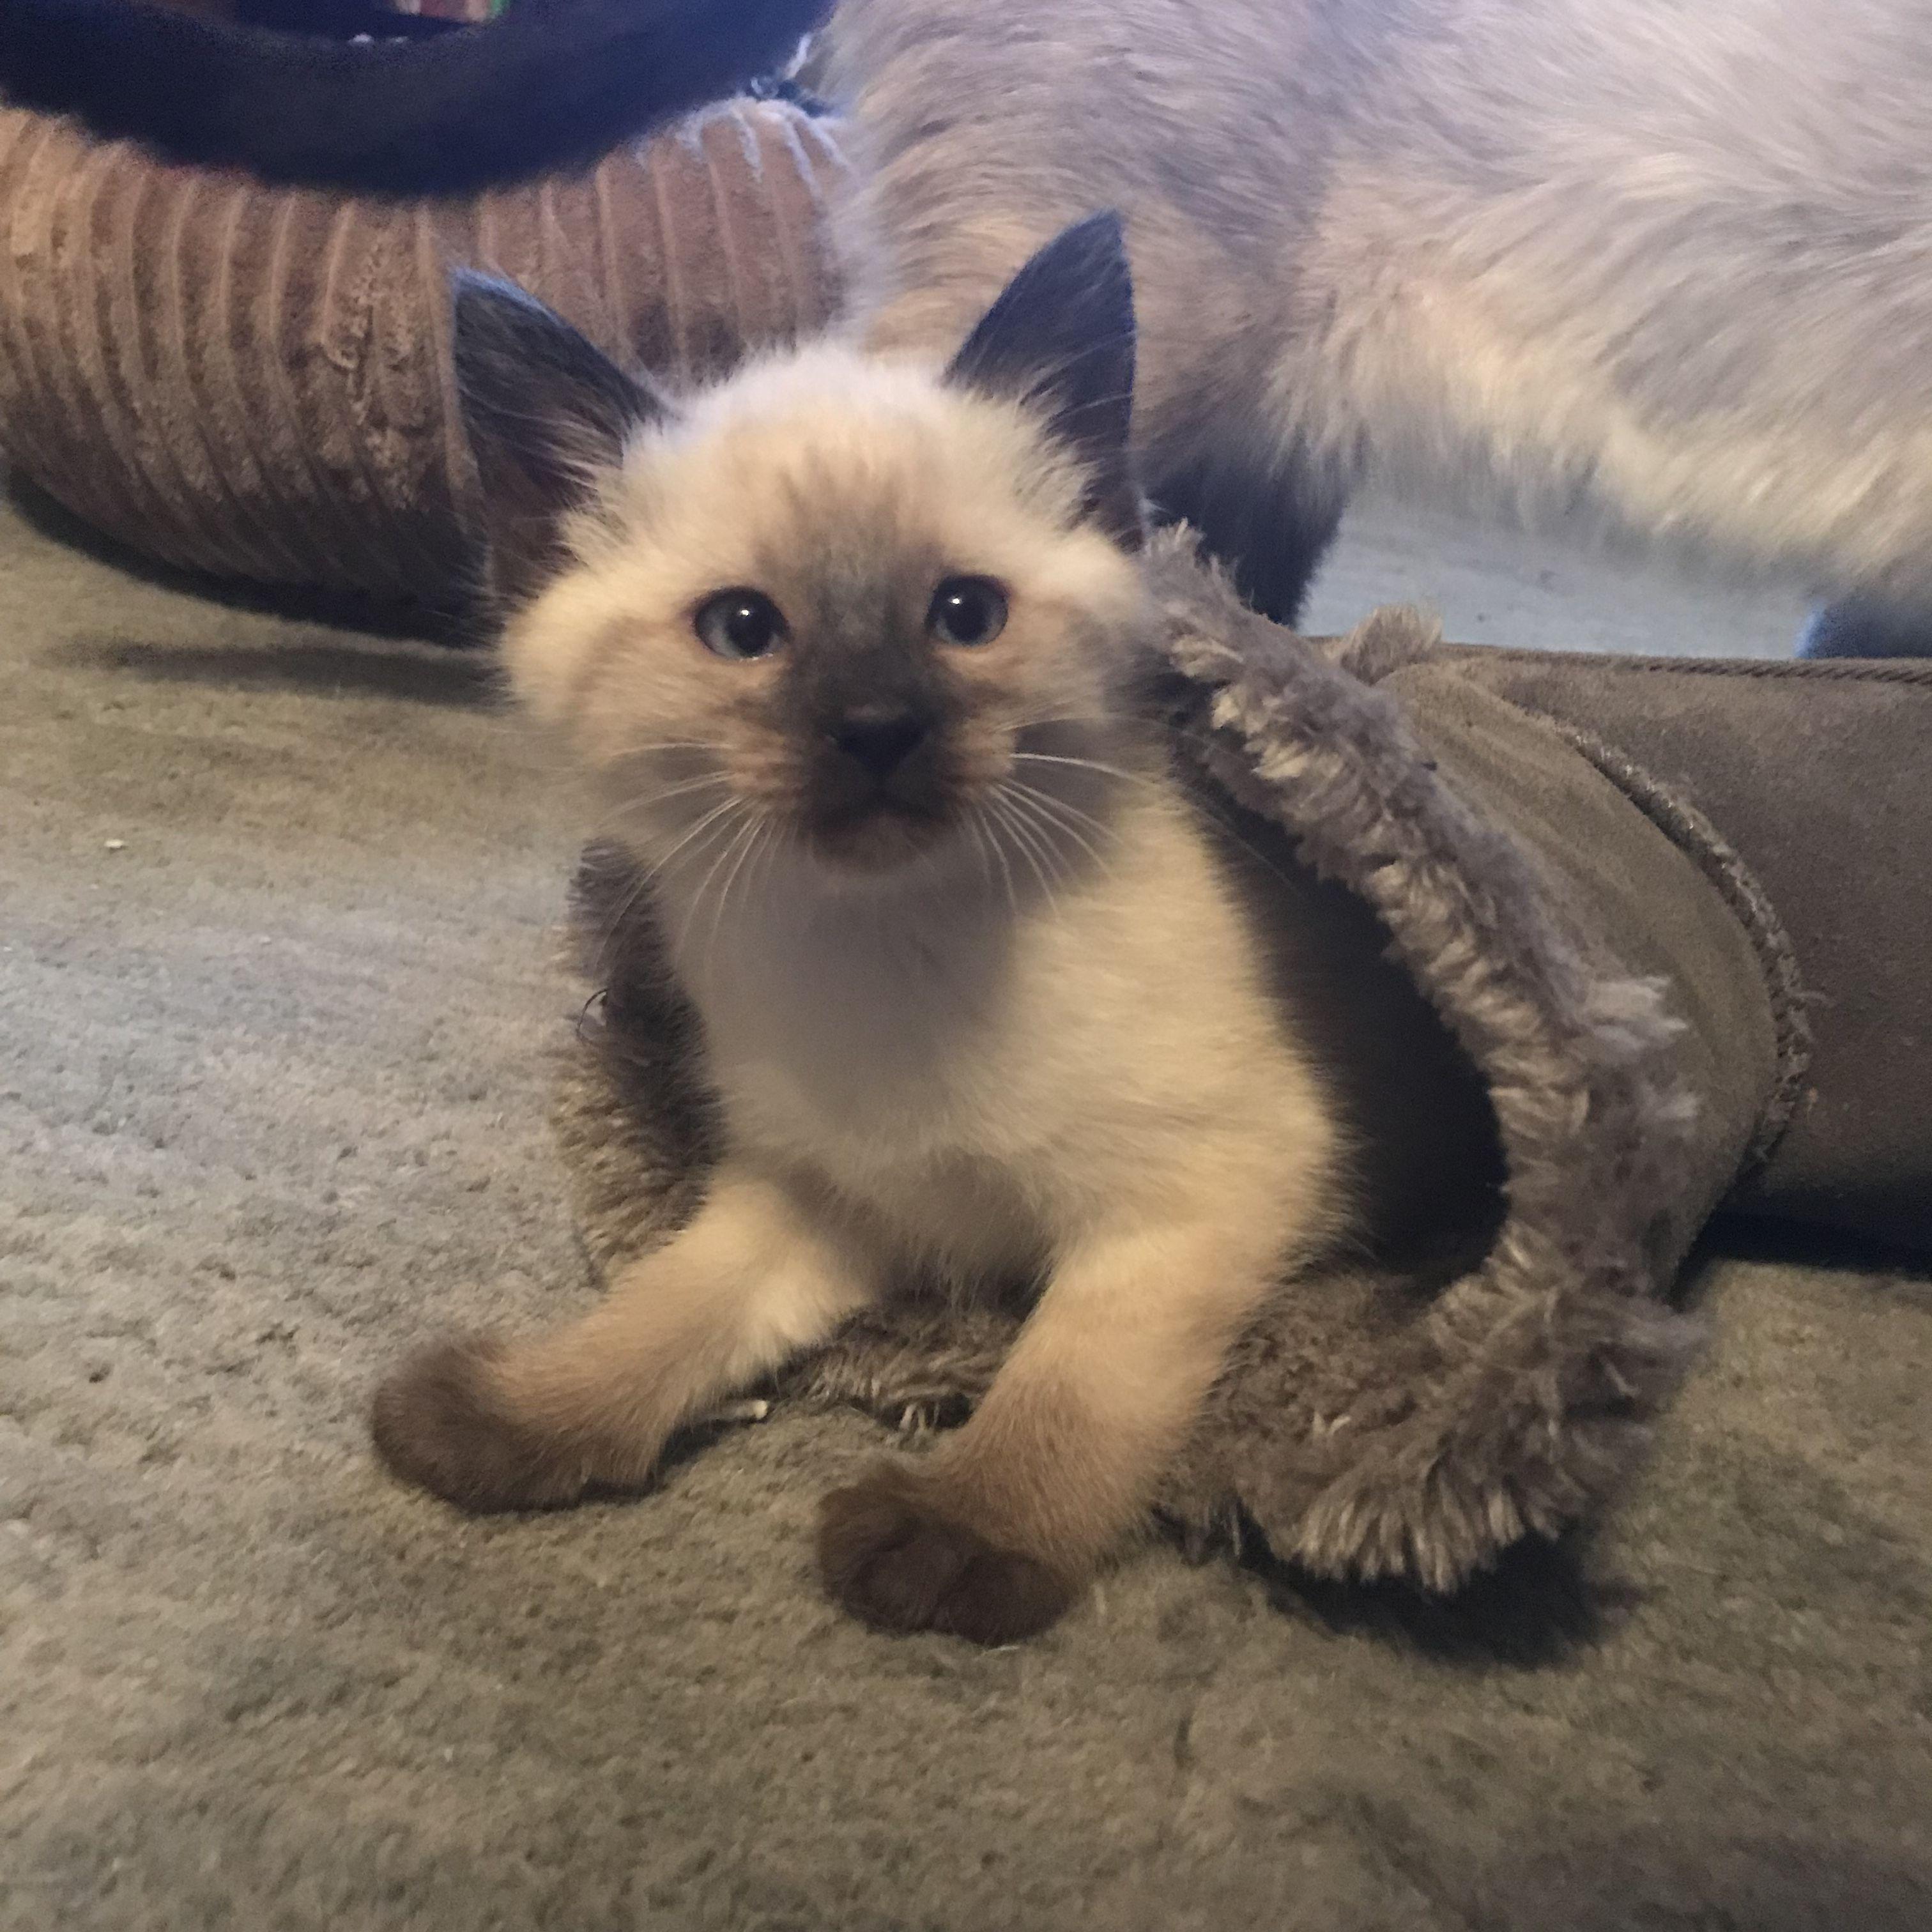 Siamese kittens Siamese kittens, Cat behavior, Kittens